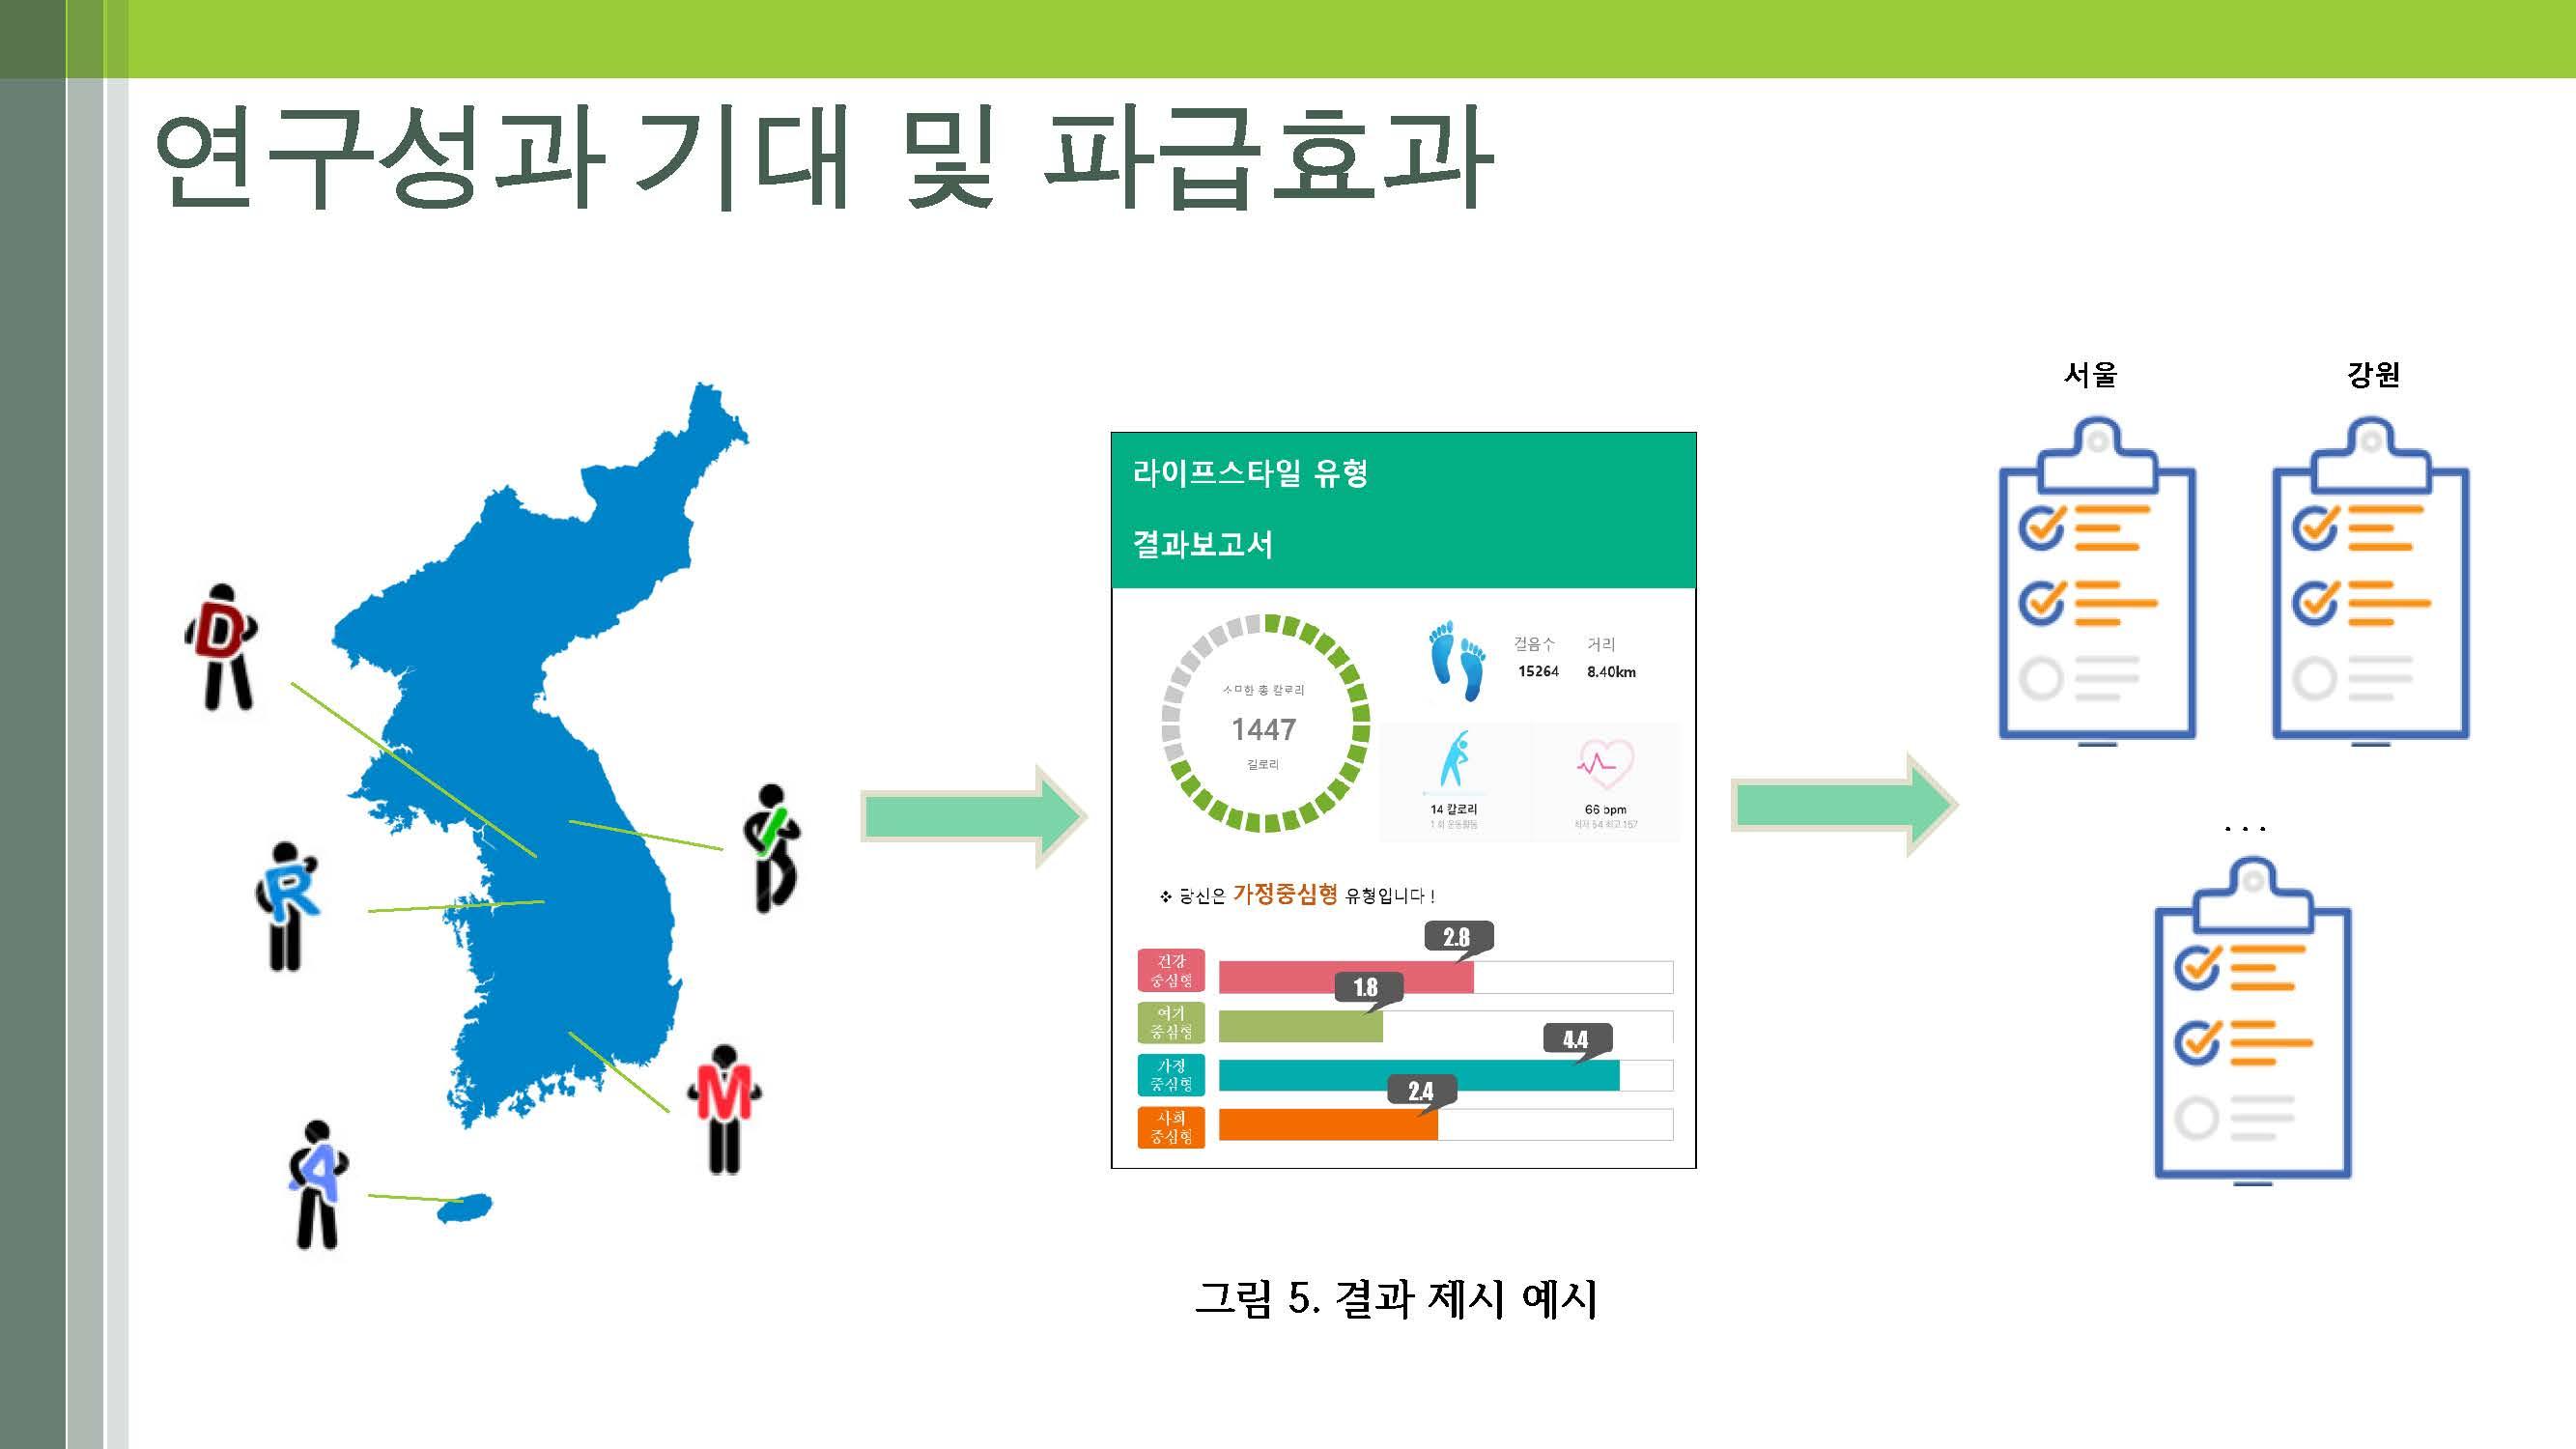 노인의 다면적 라이프스타일 개발(연세대-박지혁) (최종)_페이지_18